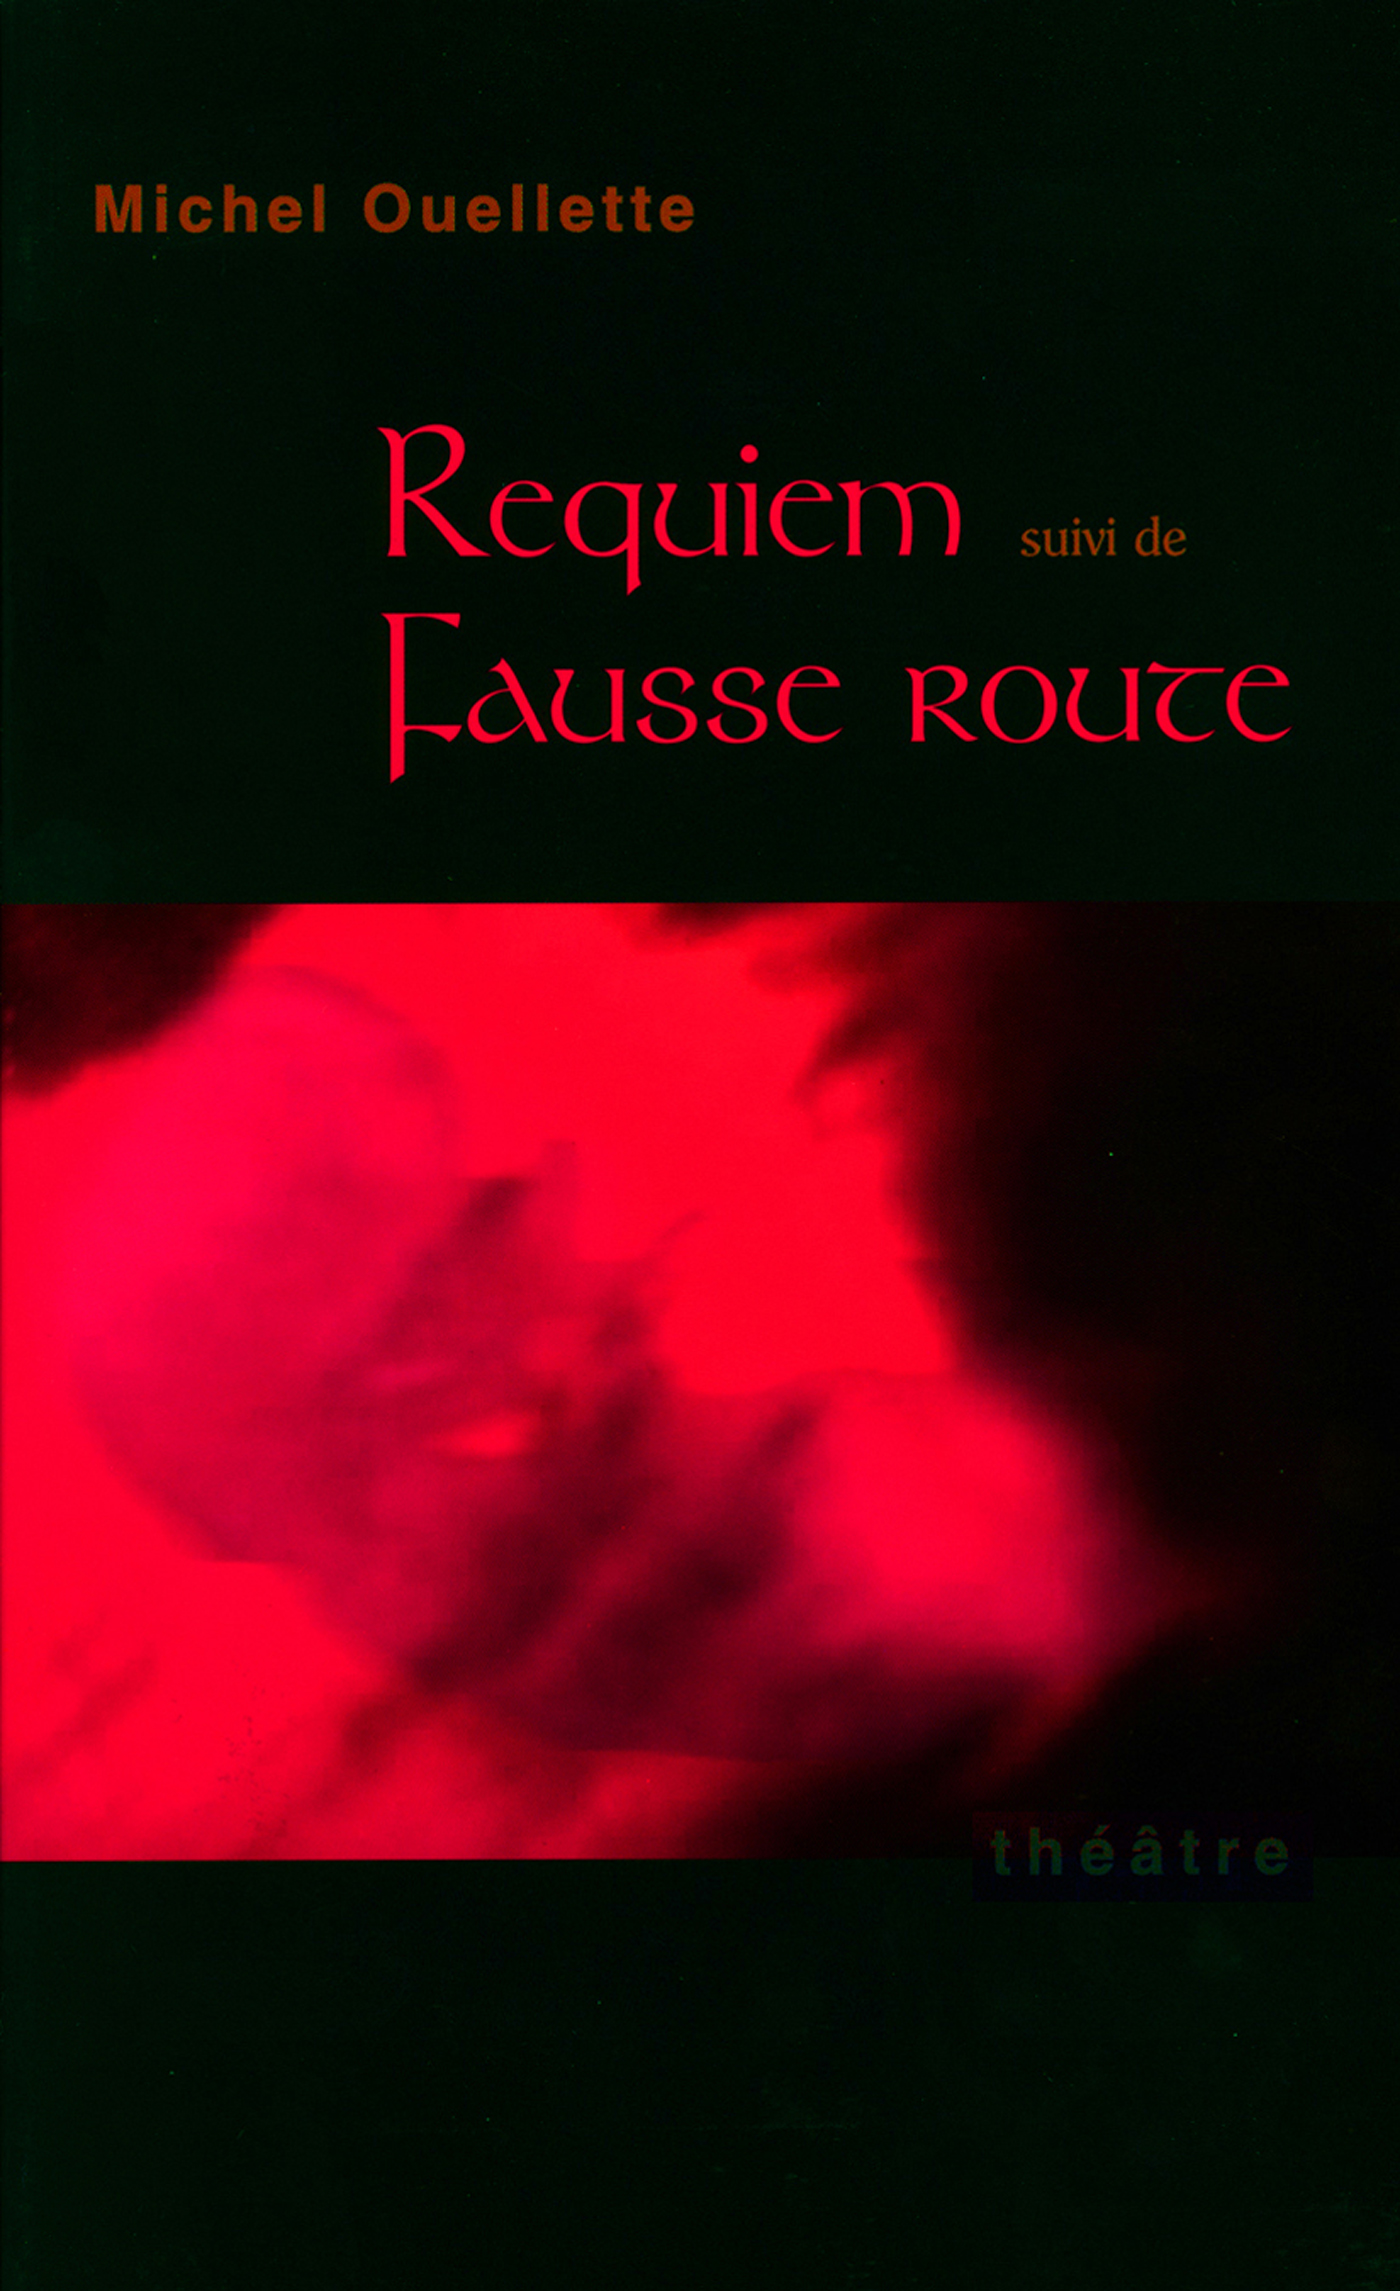 Requiem suivi de Fausse route